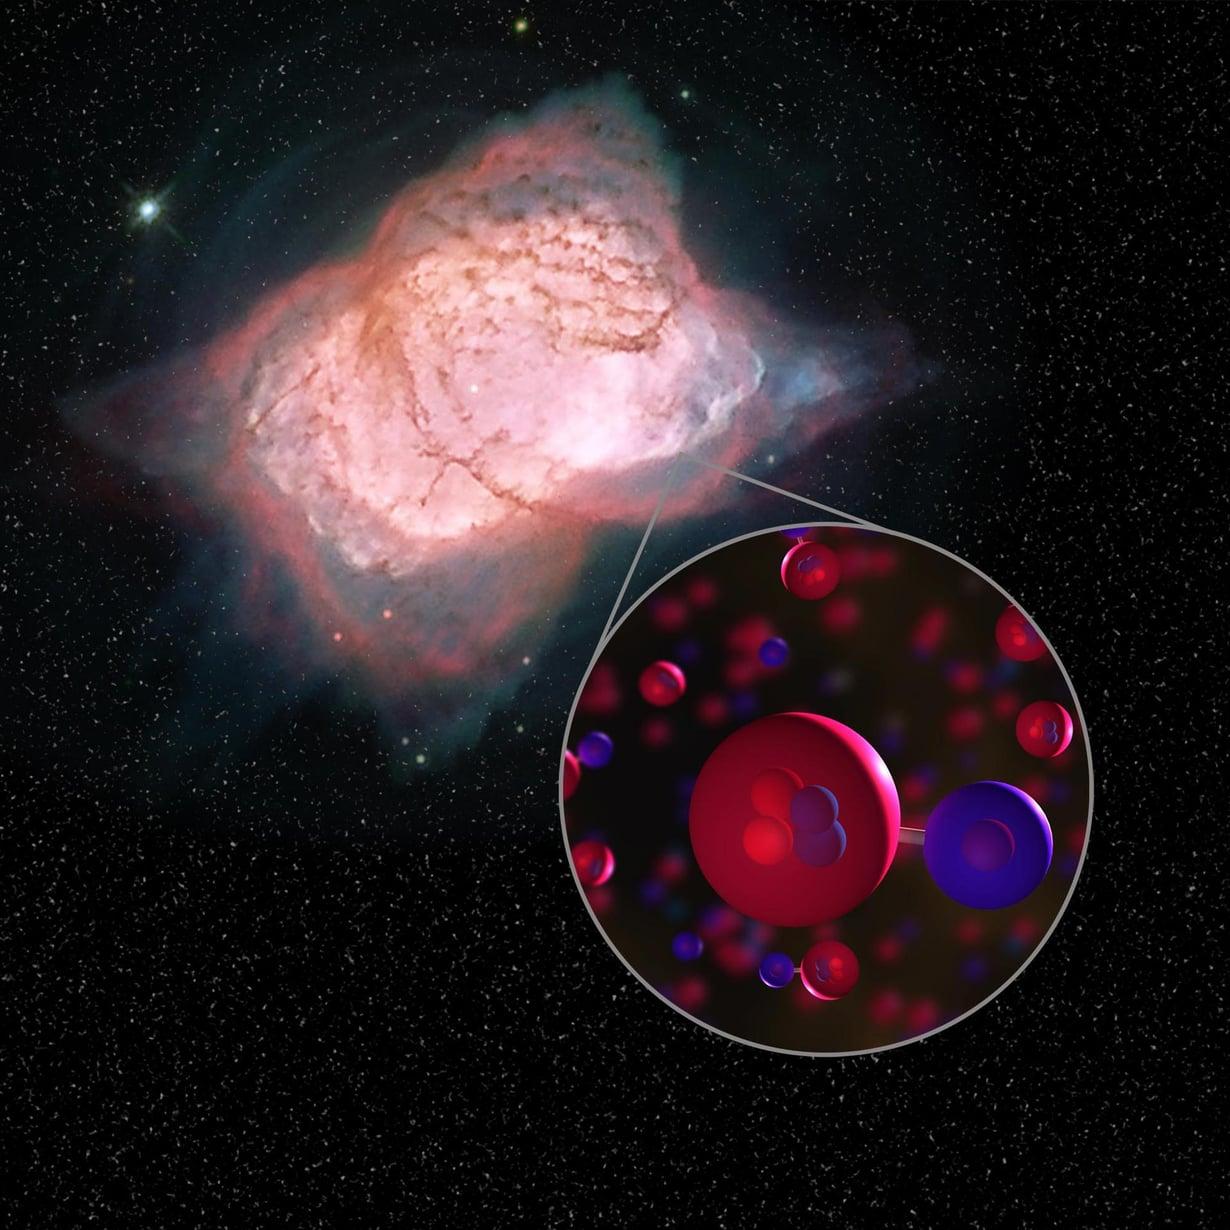 Planetaarinen tähtisumu NGC 7027 sisältää heliumhydridiä, joka koostuu heliumatomista ja vetyatomista. Kuva: Nasa